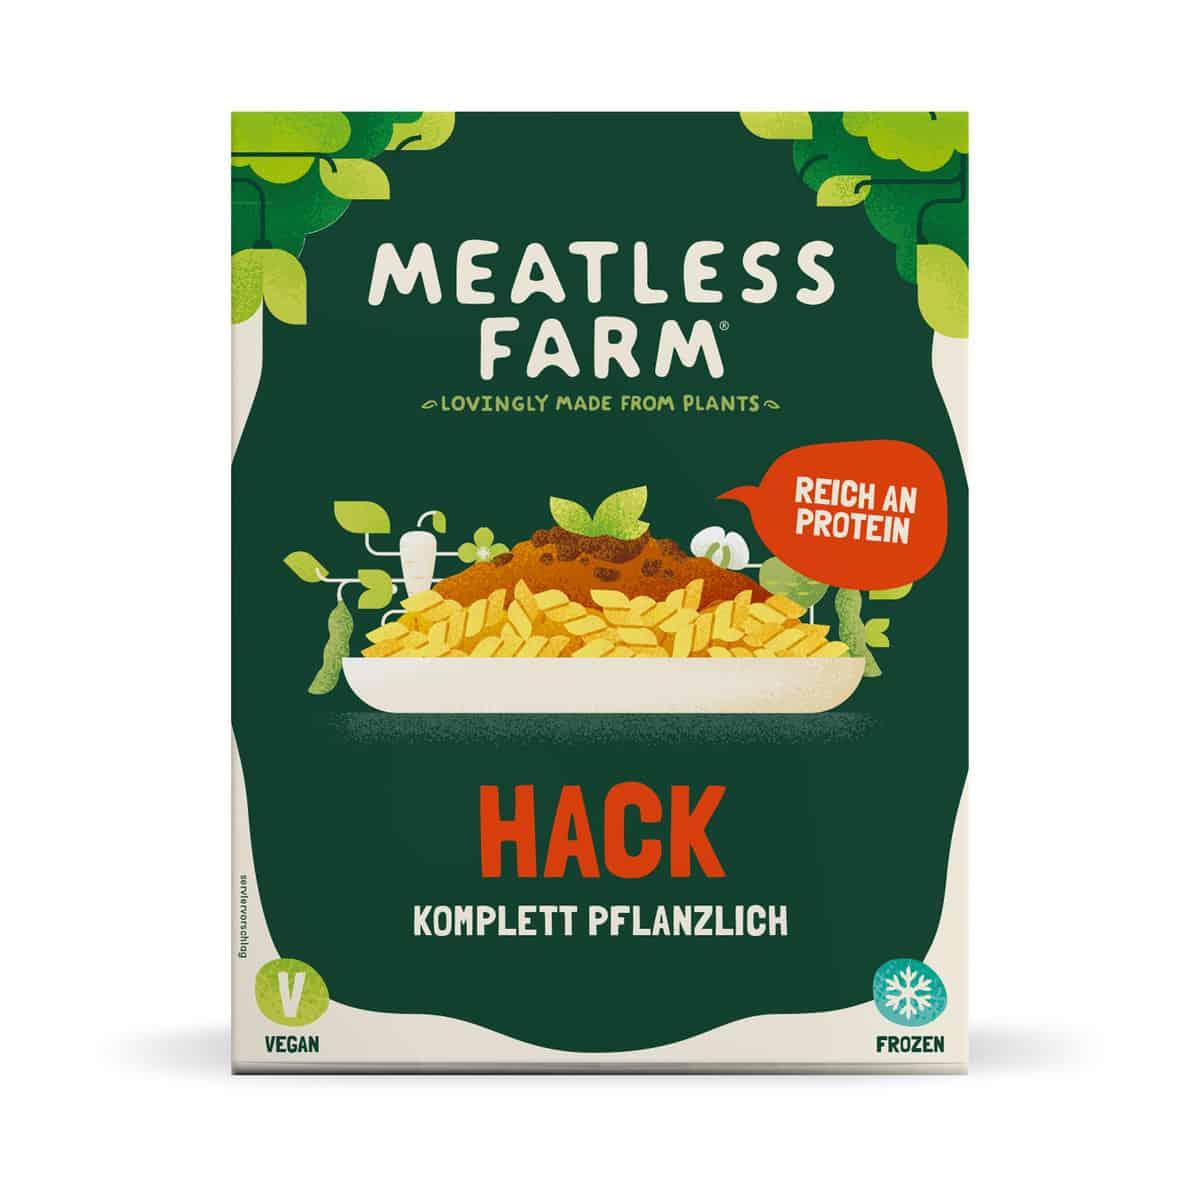 Meatless Farm Hack